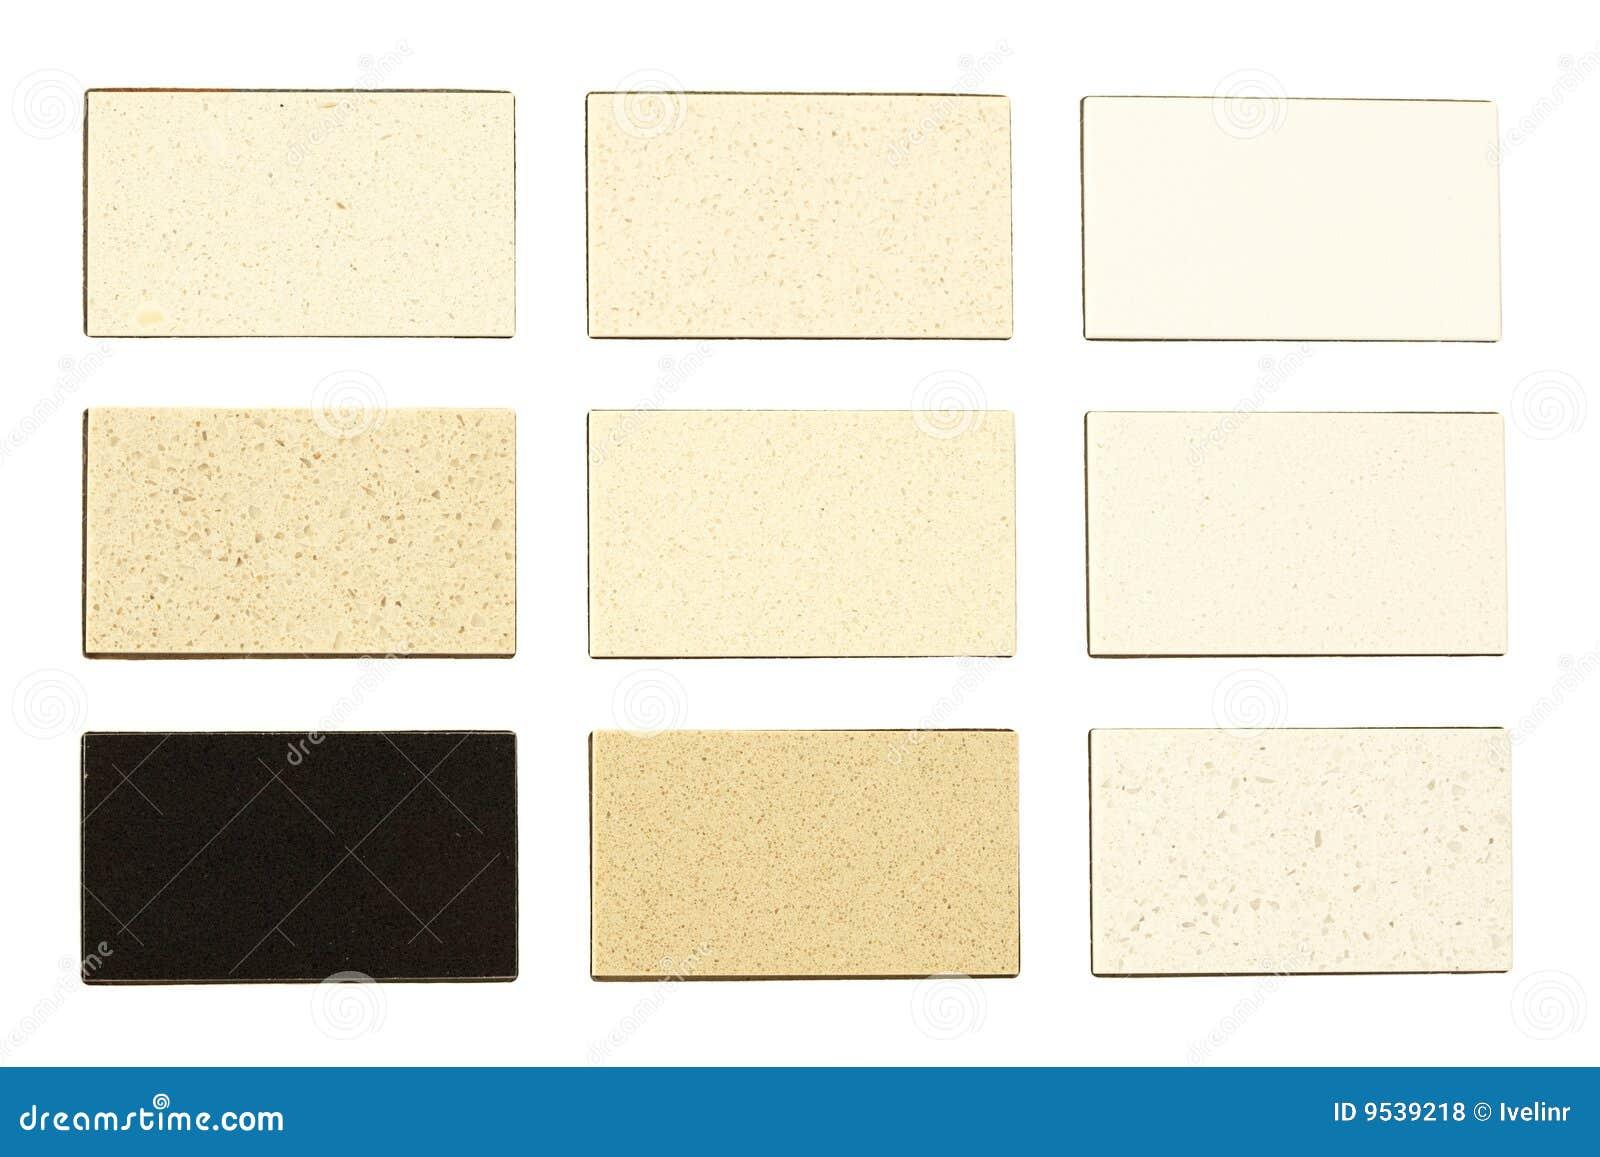 Campioni del granito per i controsoffitti della cucina - Controsoffitti per cucina ...